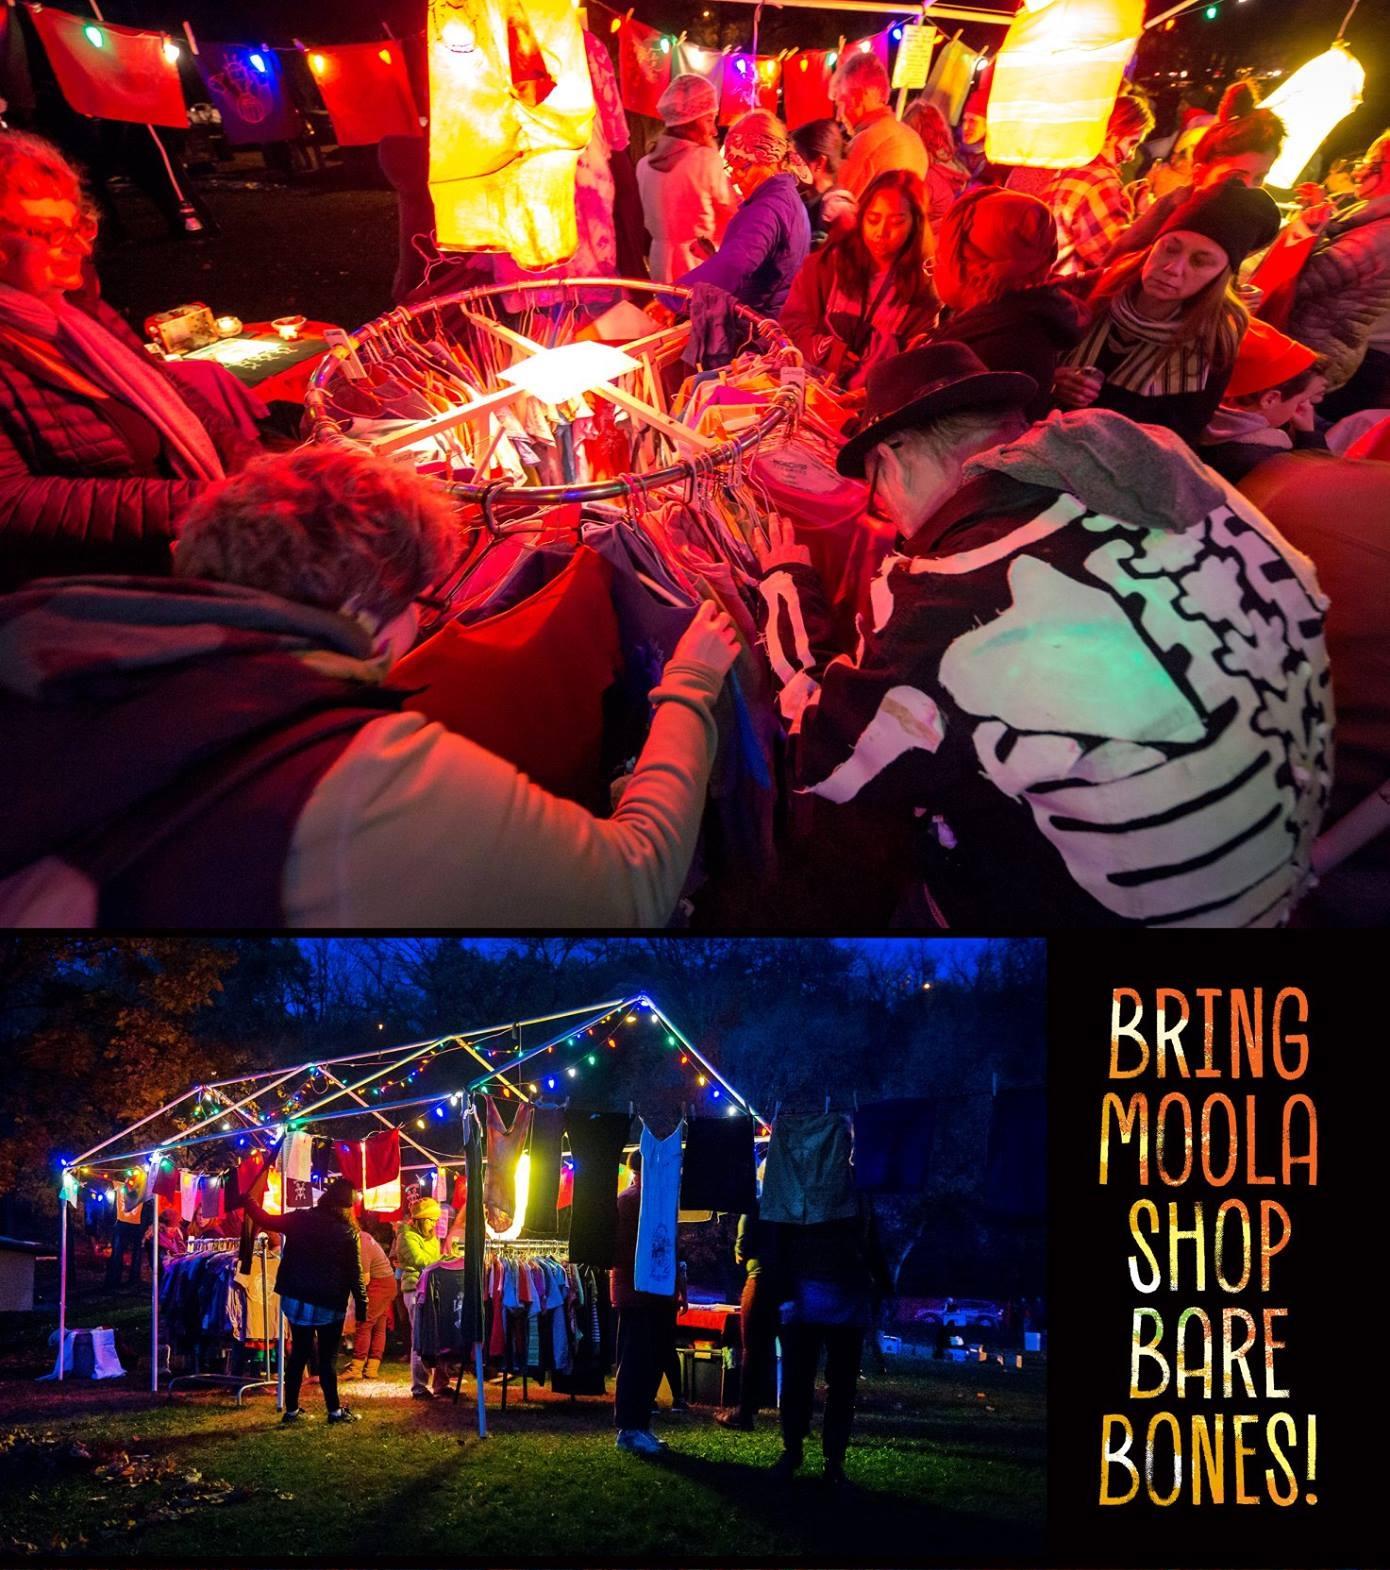 Bring Moola Shop BareBones! People shopping at a BareBones merch tent.